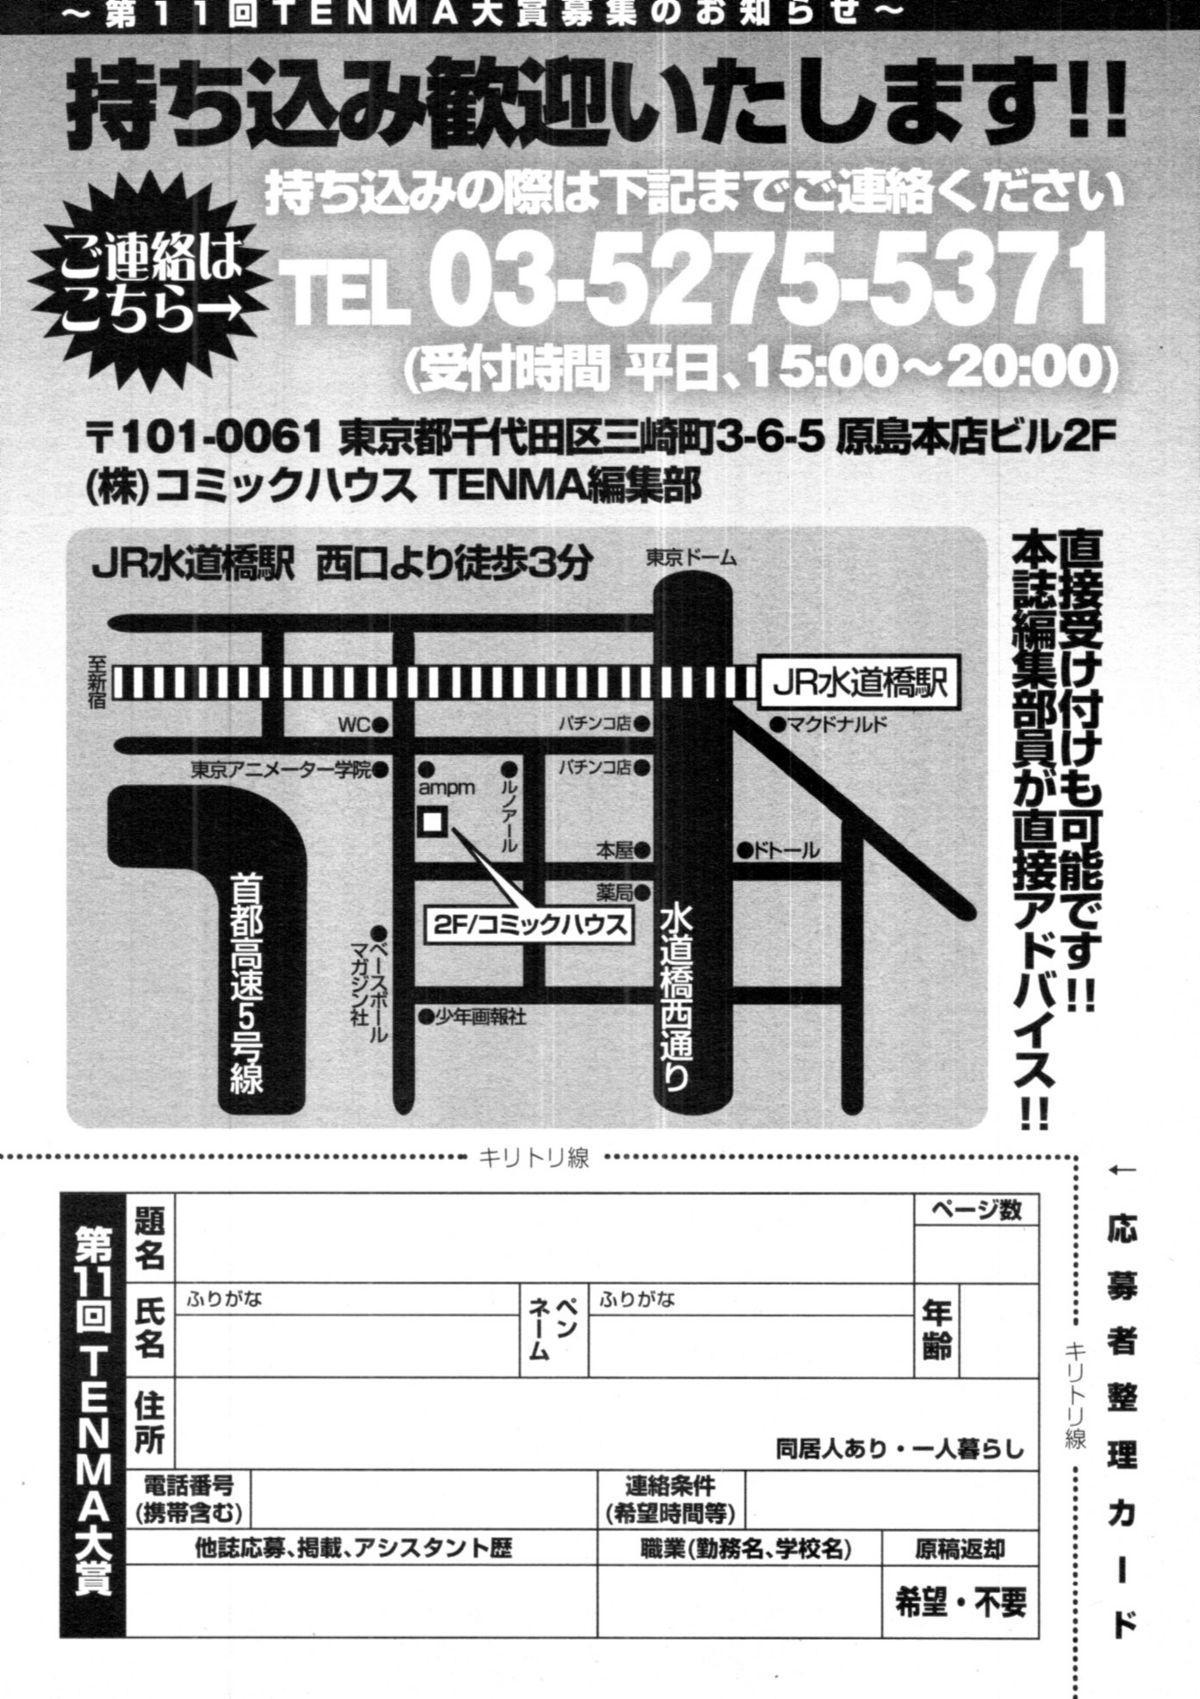 COMIC Tenma 2010-08 423